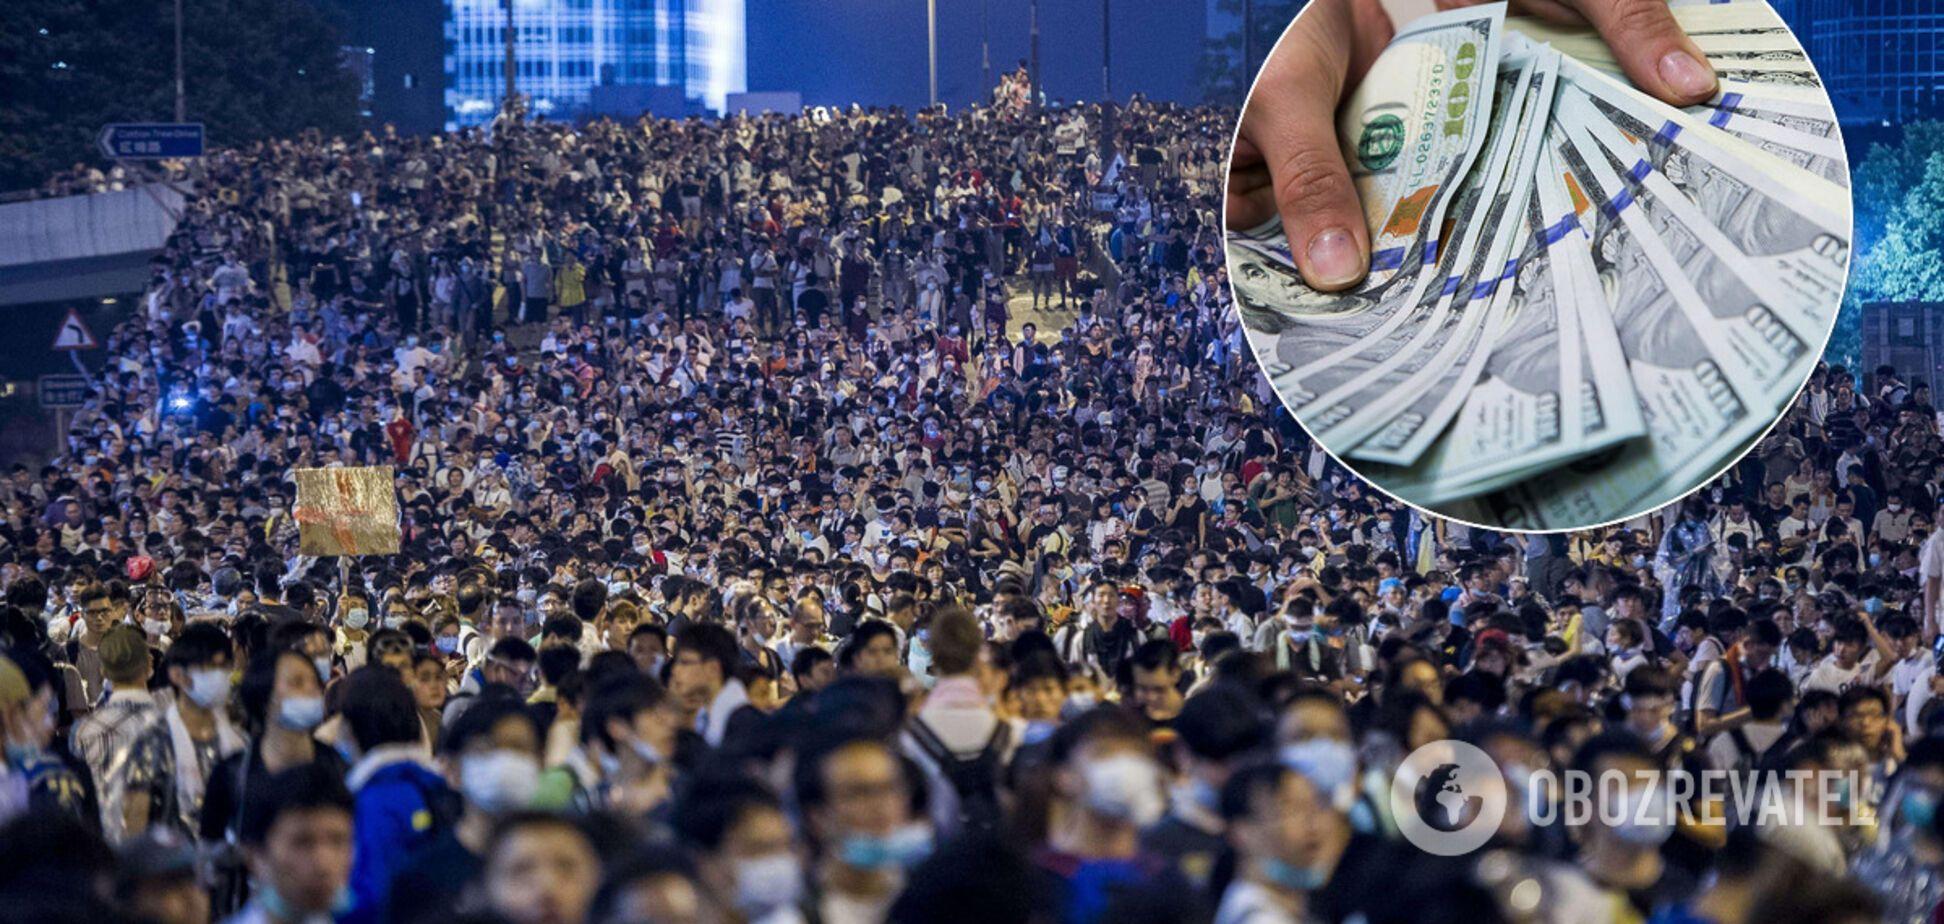 Всім жителям Гонконгу дадуть по $1200 і здешевлять оренду: стало відомо, чому